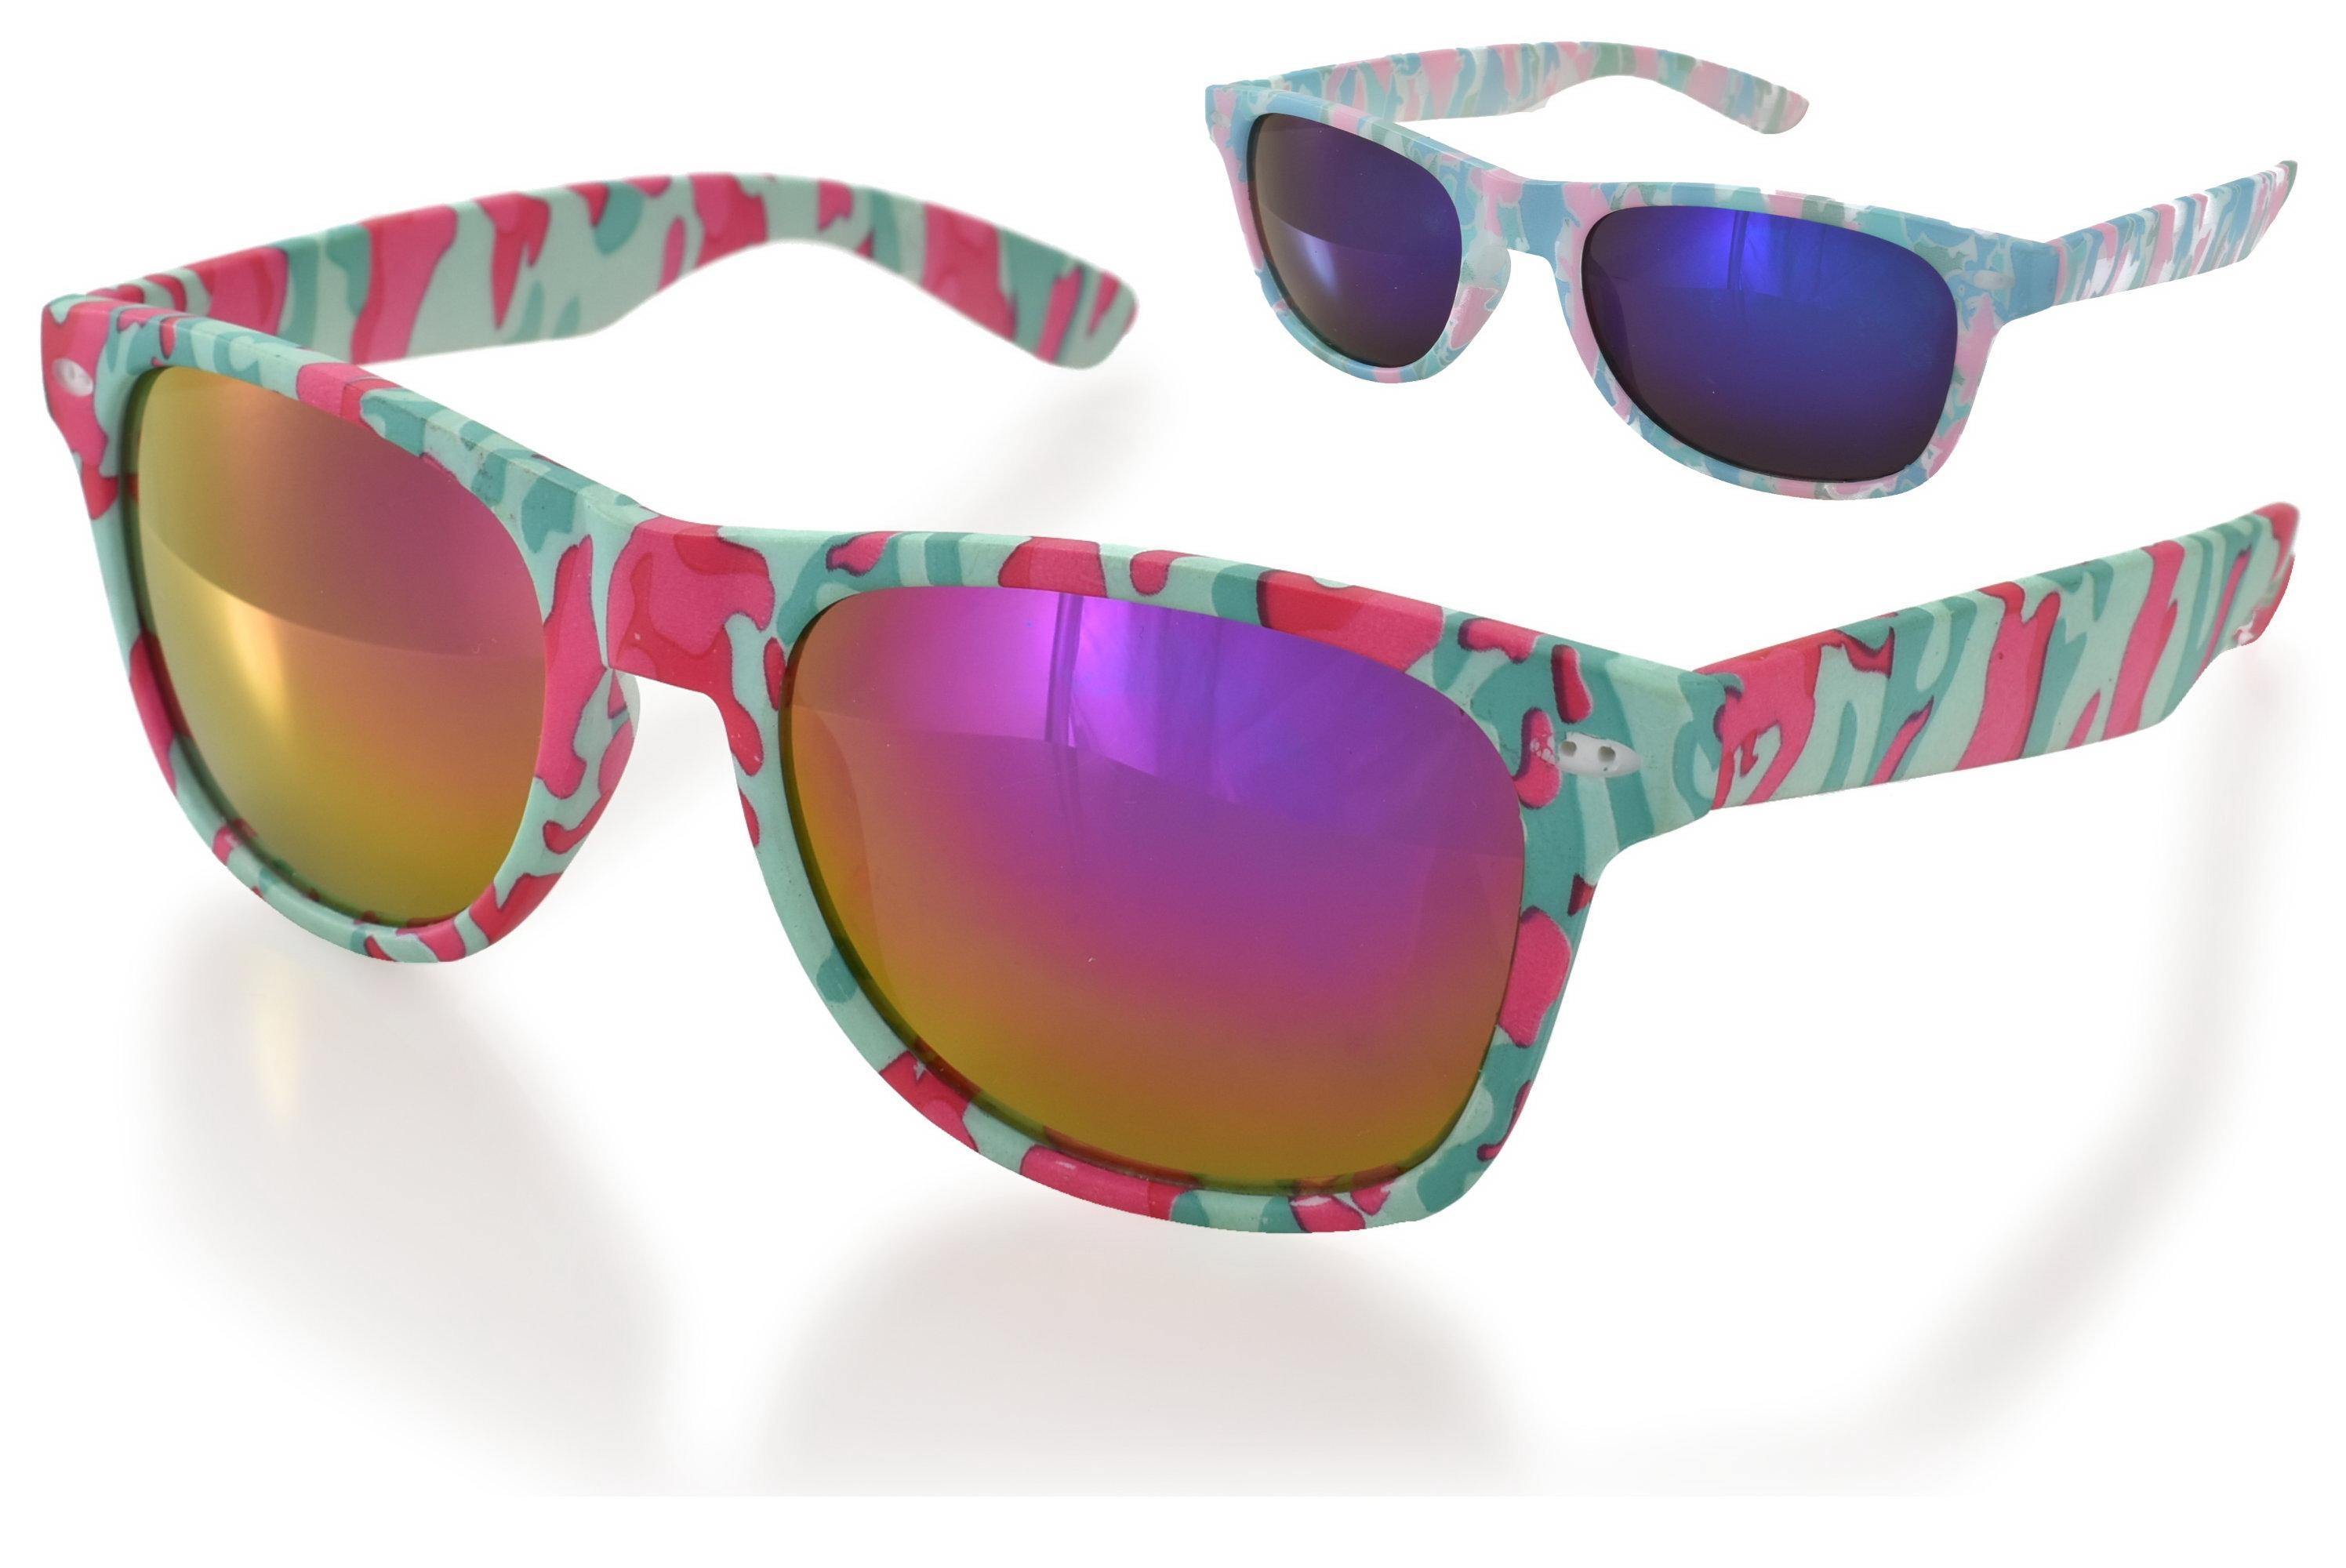 Ladies Plastic Design Sunglasses - 2 Assorted